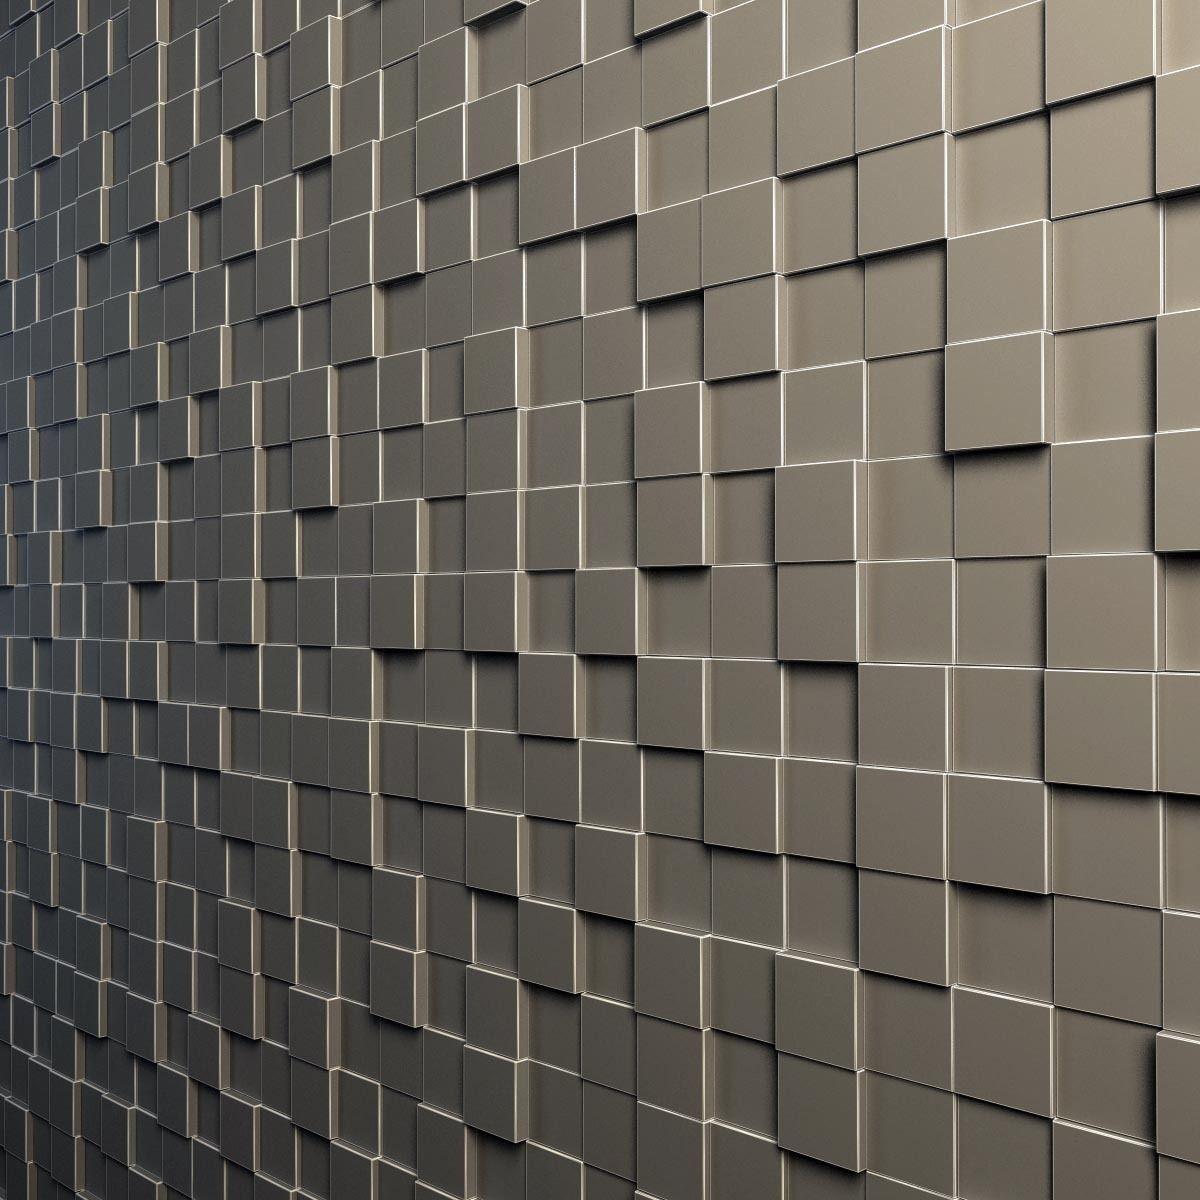 Teak Interior Cladding 3d Wall 3d Model Max Obj 3ds